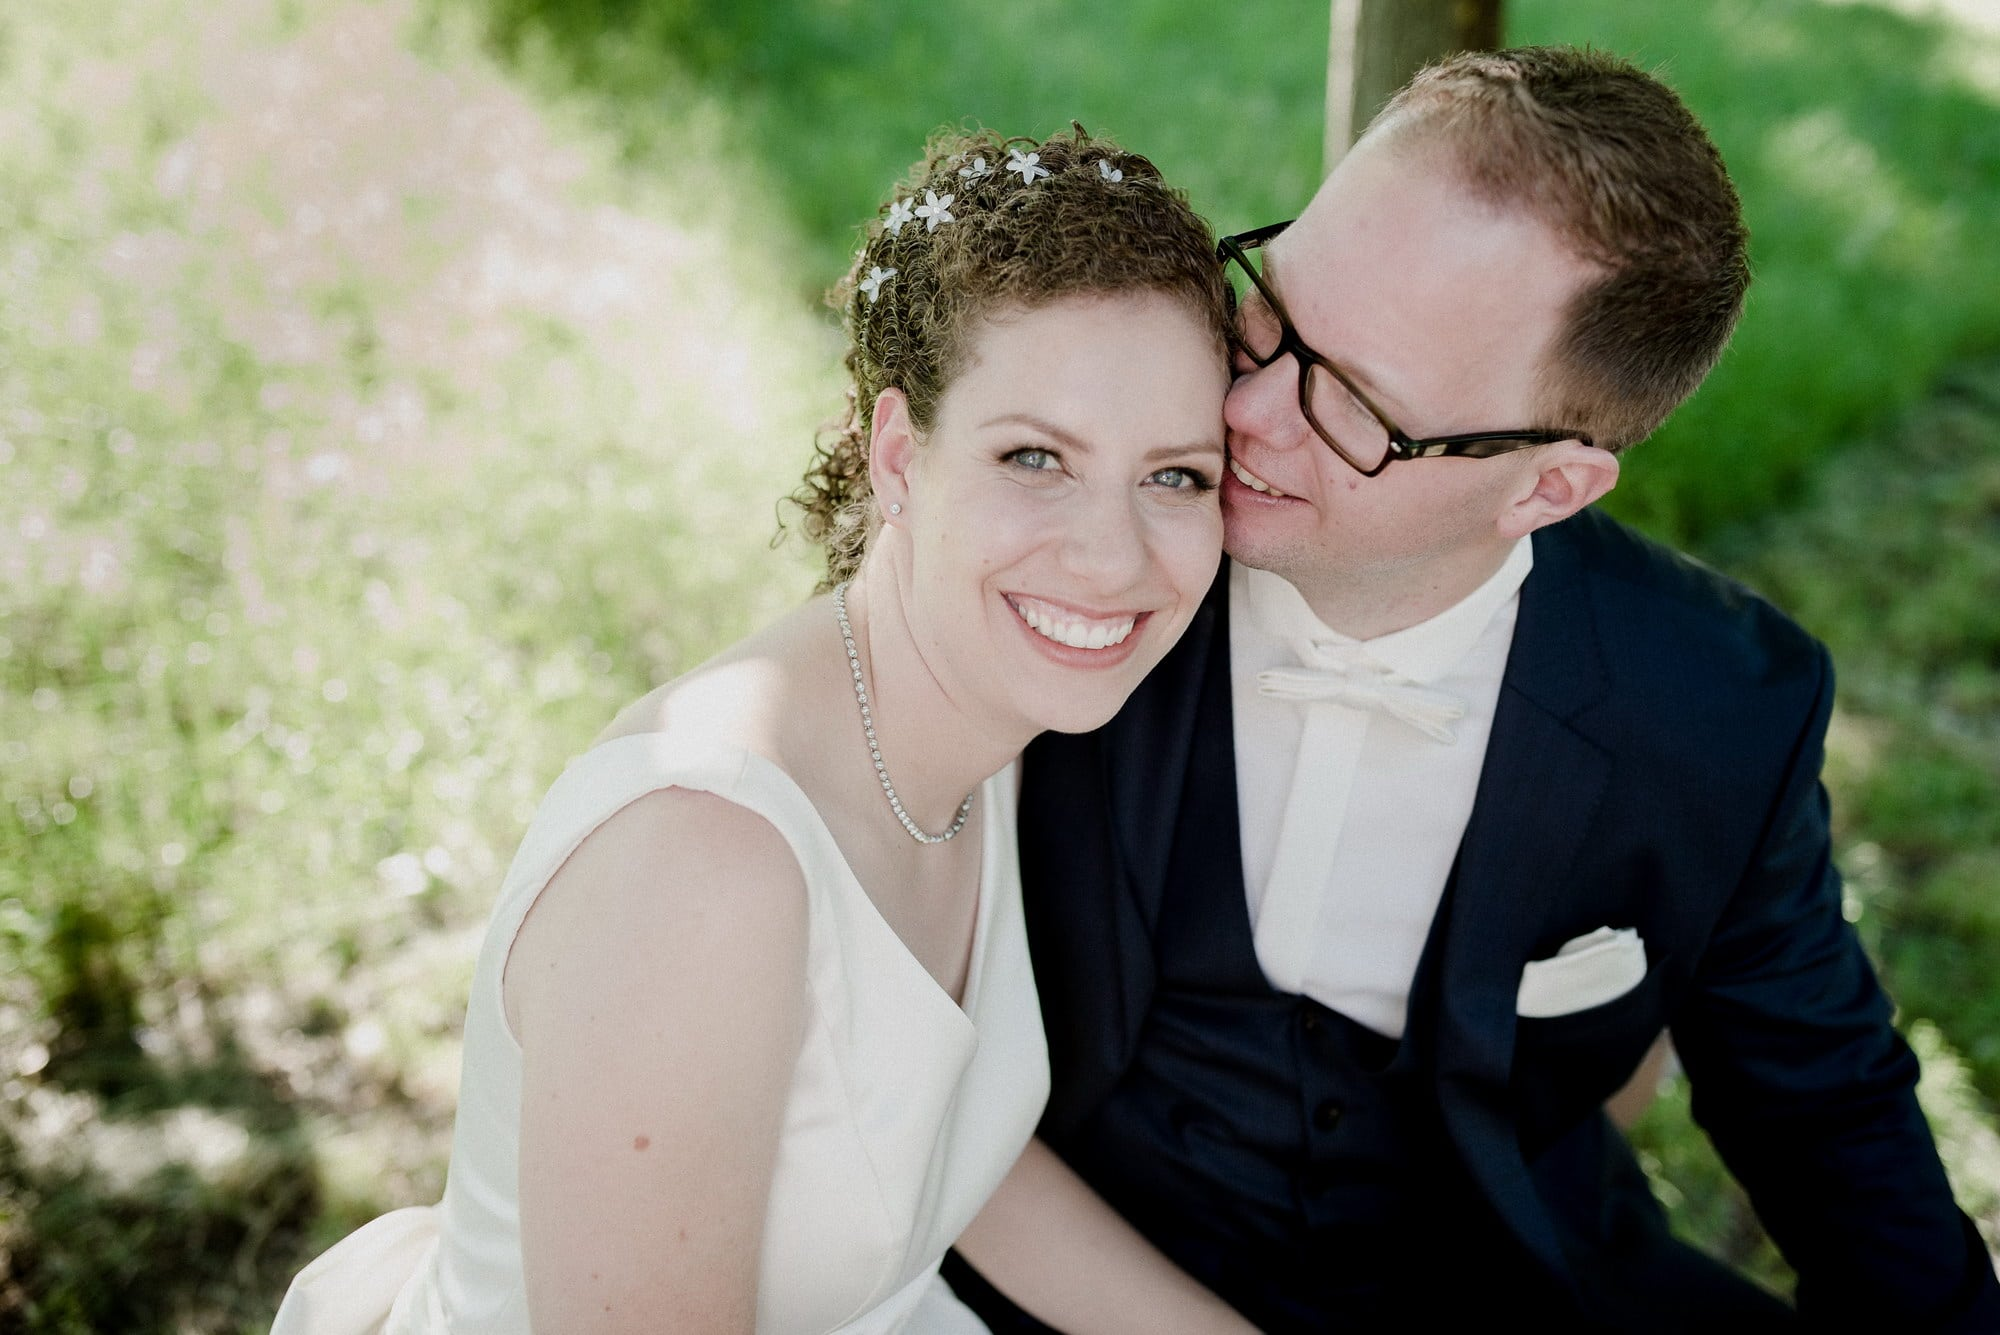 Brautpaar Brautkleid Haarschmuck Halskette